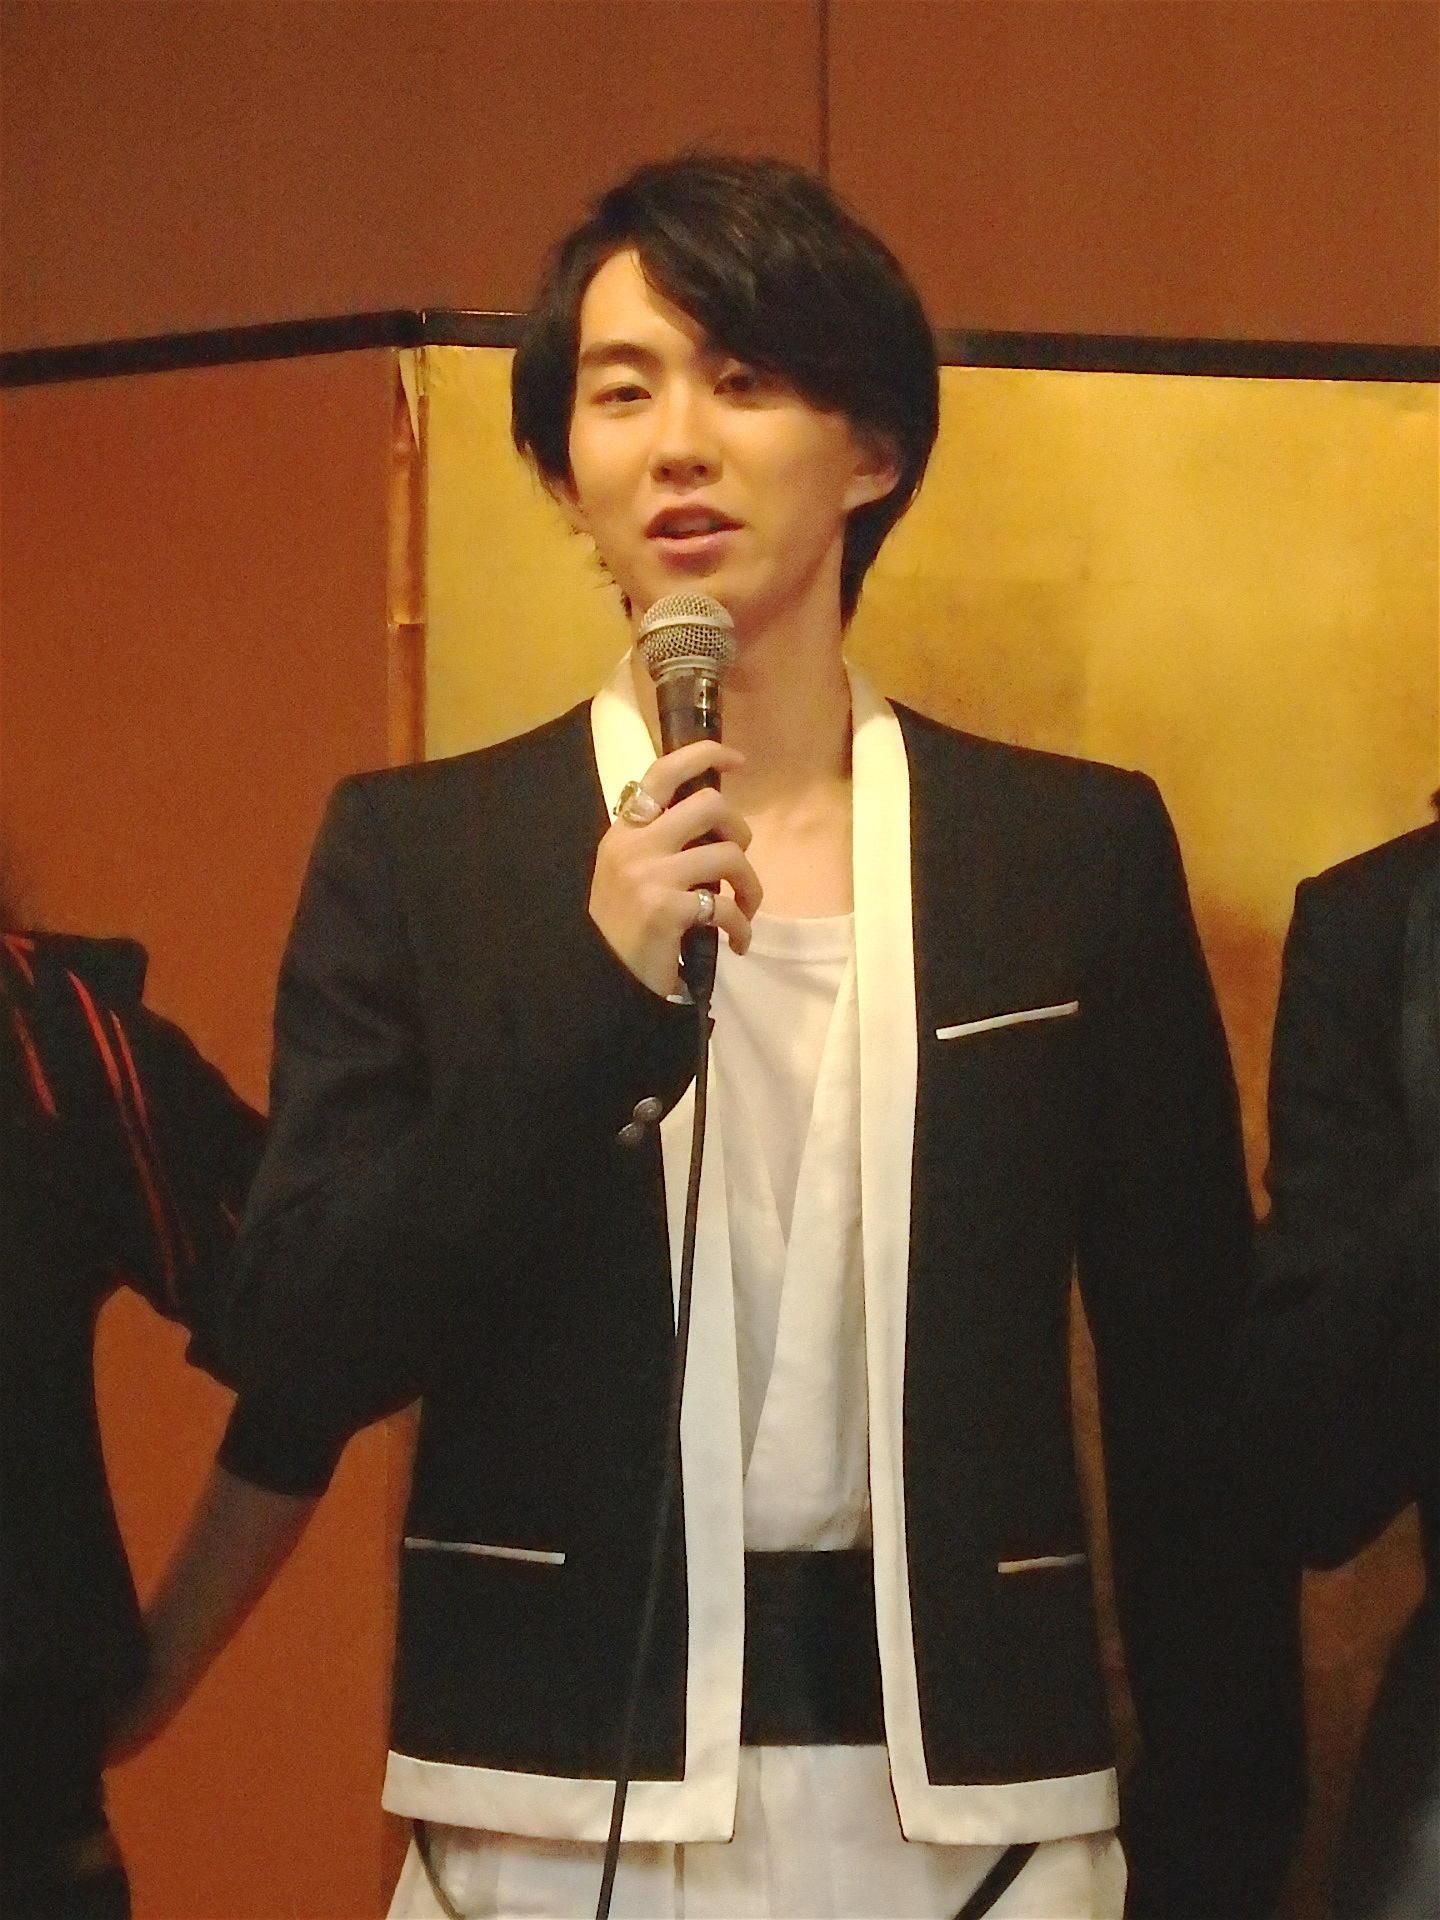 http://news.yoshimoto.co.jp/20160930193328-f8b2bf537b2d8cb77ce3c4f7f768d5231800ef80.jpg